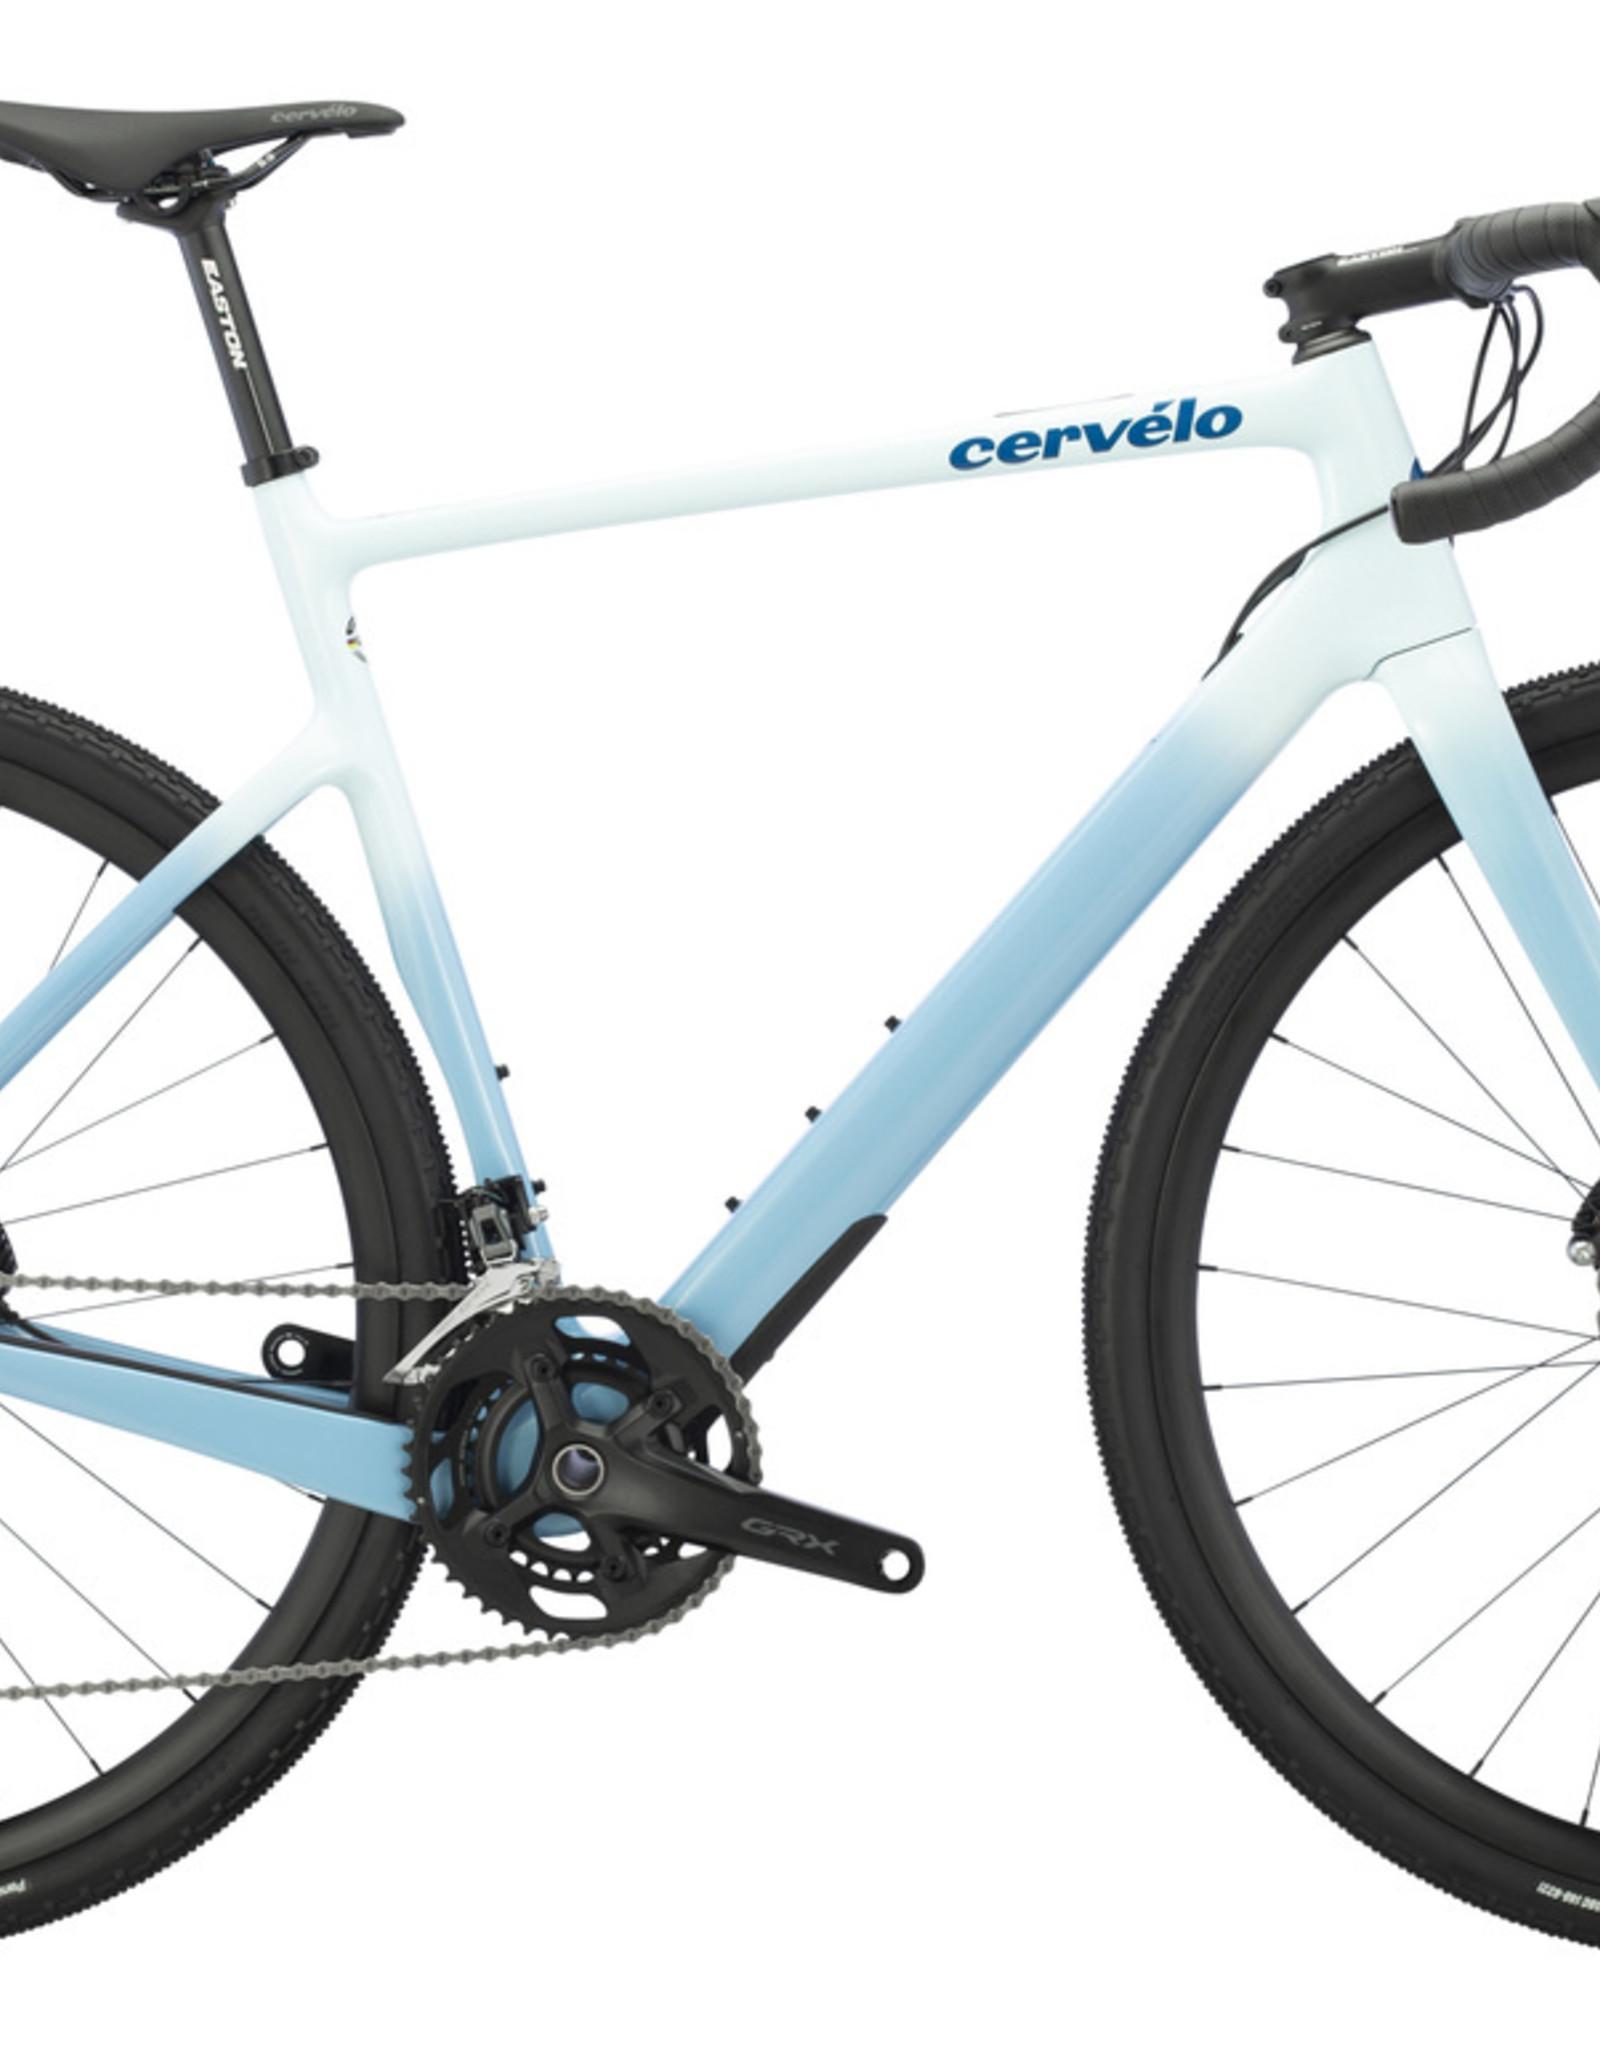 Cervelo CERVELO Aspero GRX RX600 54cm White/Blue